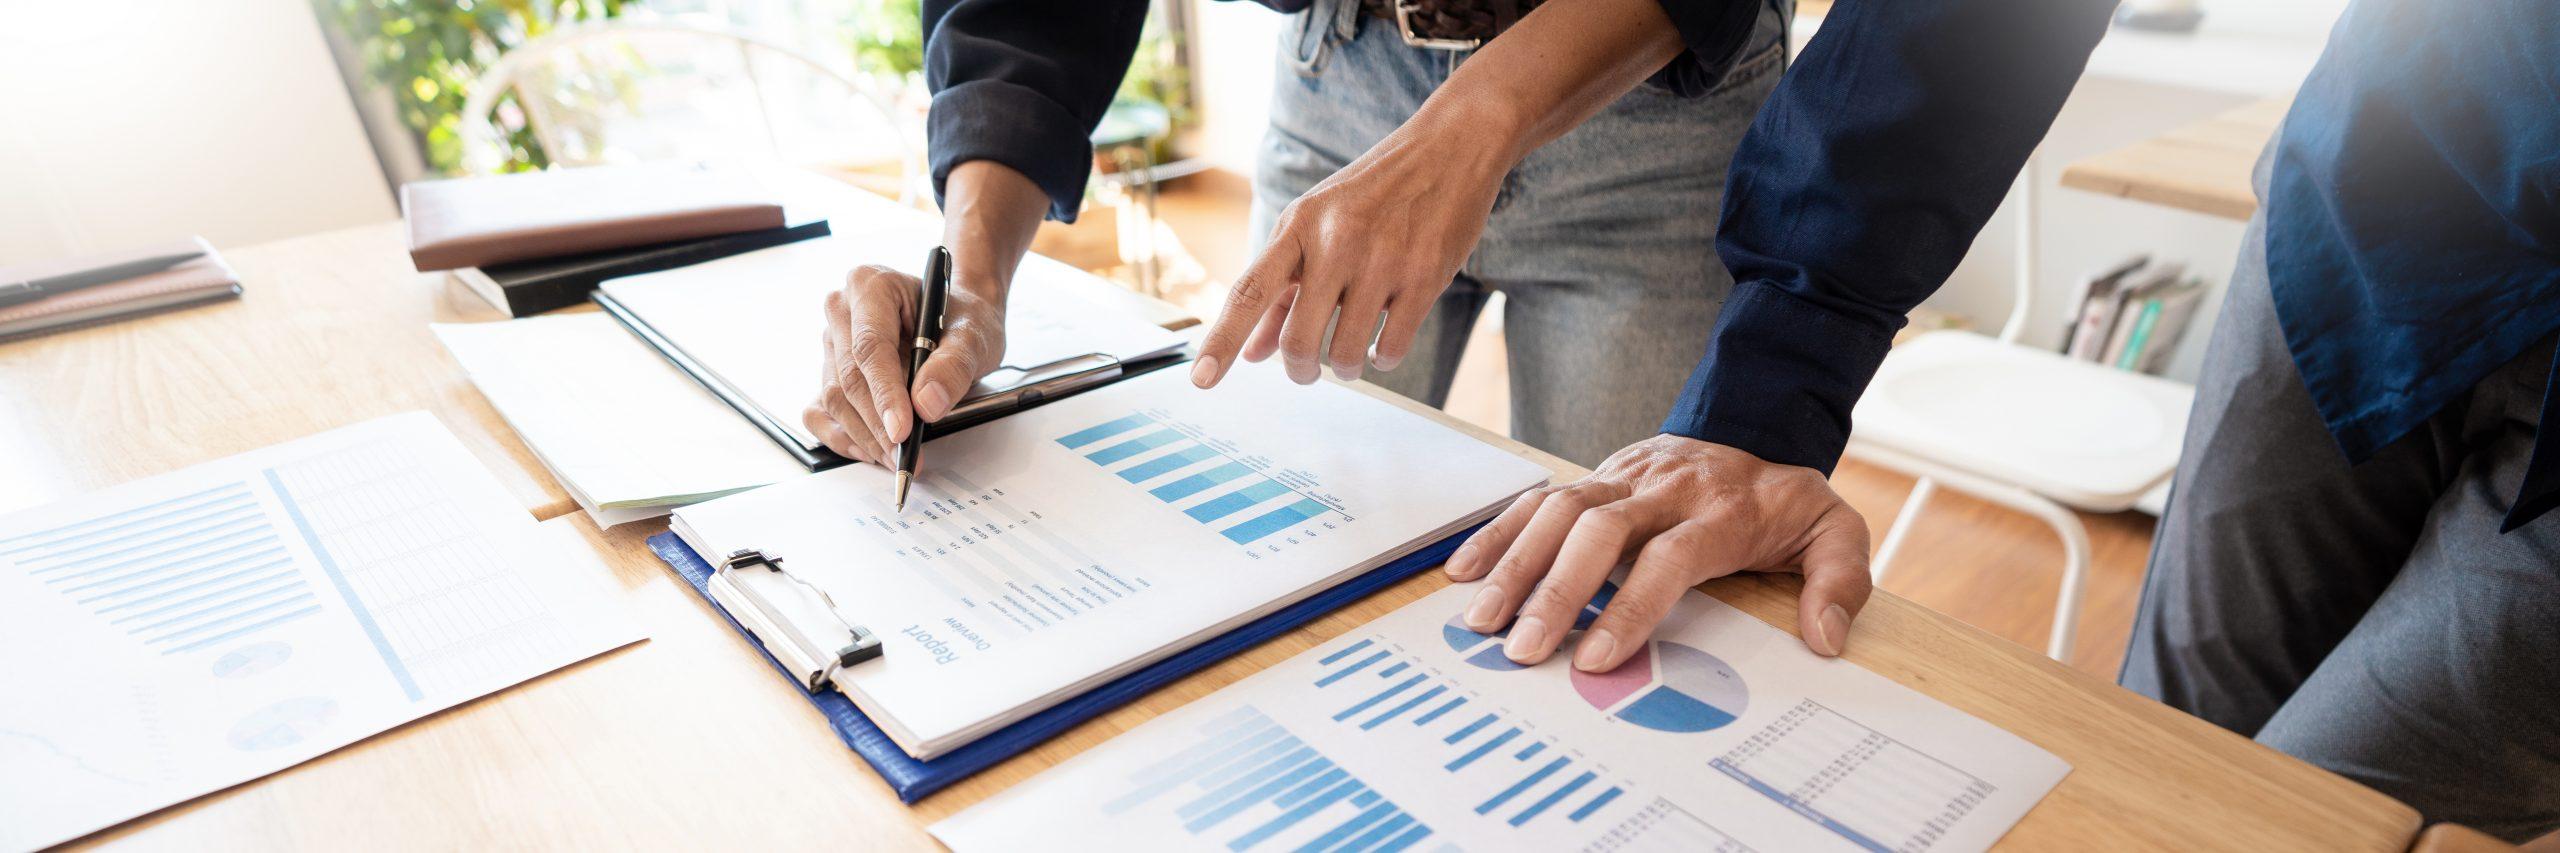 CFO Consulting Service